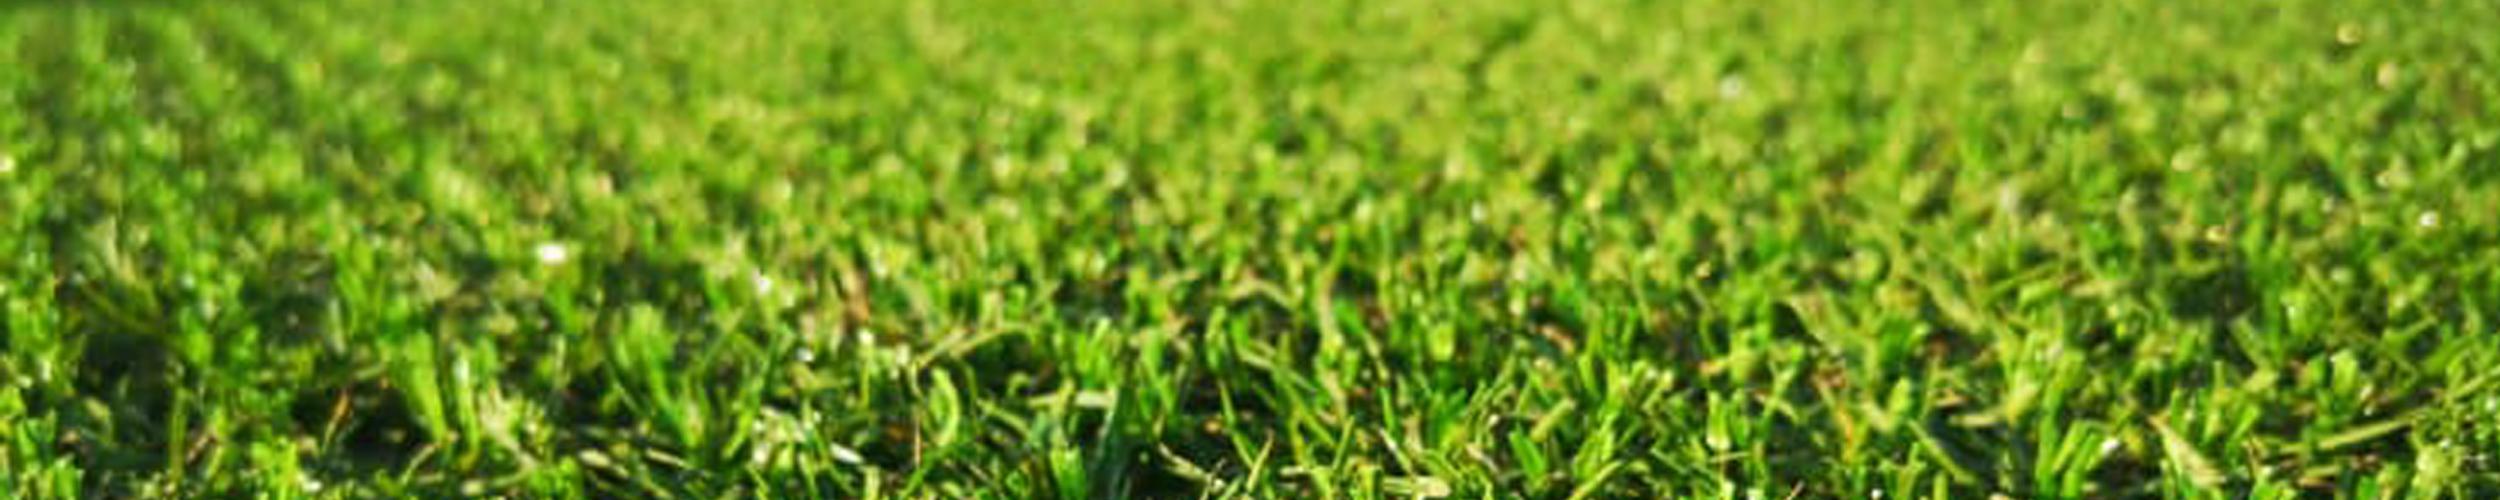 Bestaan er normen voor de aanleg van hybride voetbalvelden?